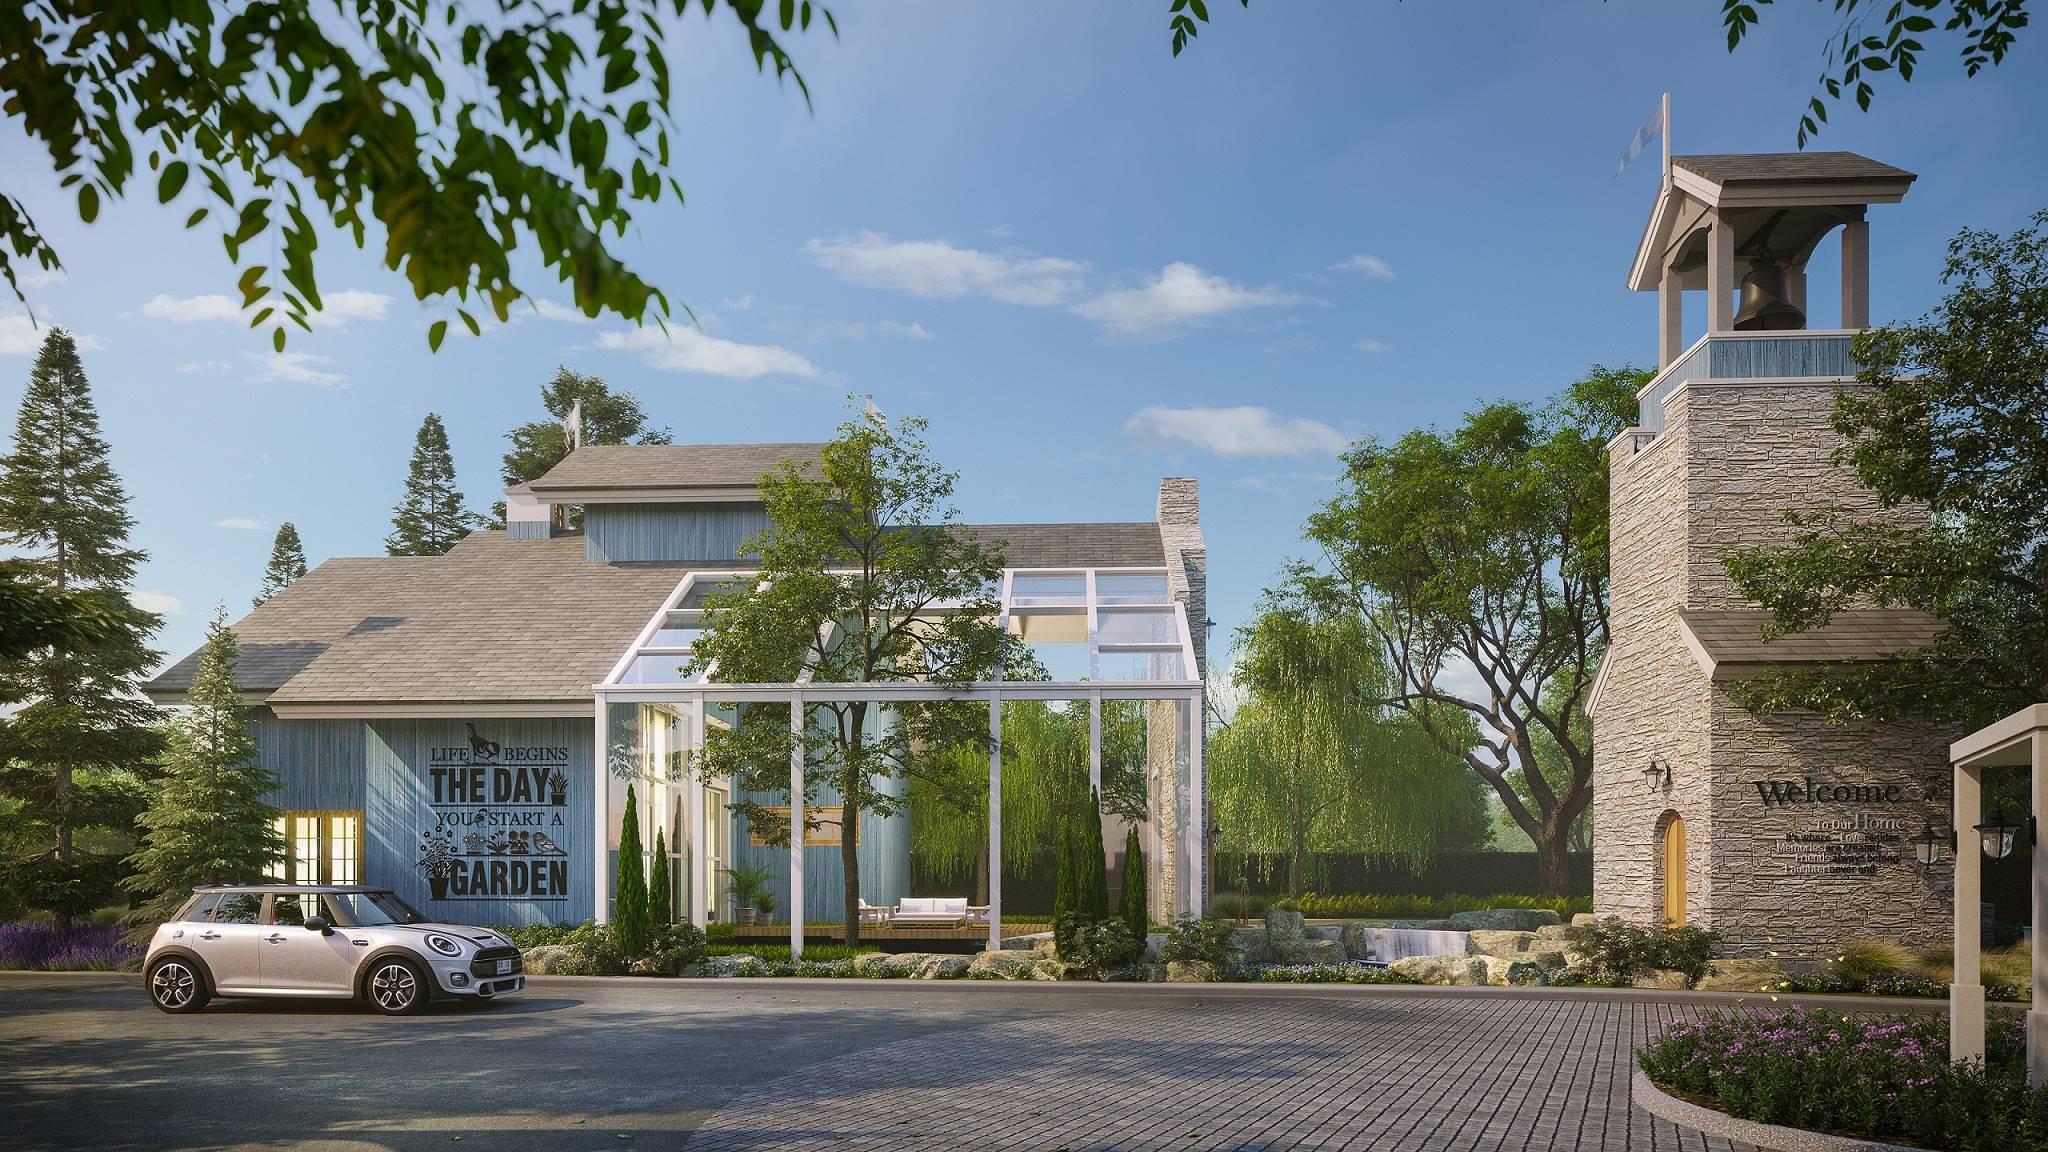 แลนด์ แอนด์ เฮ้าส์ ส่งแบรนด์ใหม่ anya รุกตลาดบ้านแฝด 3 ทำเลมูลค่า 4750 ล้านบาท | Prop2Morrow บ้าน คอนโด ข่าวอสังหาฯ